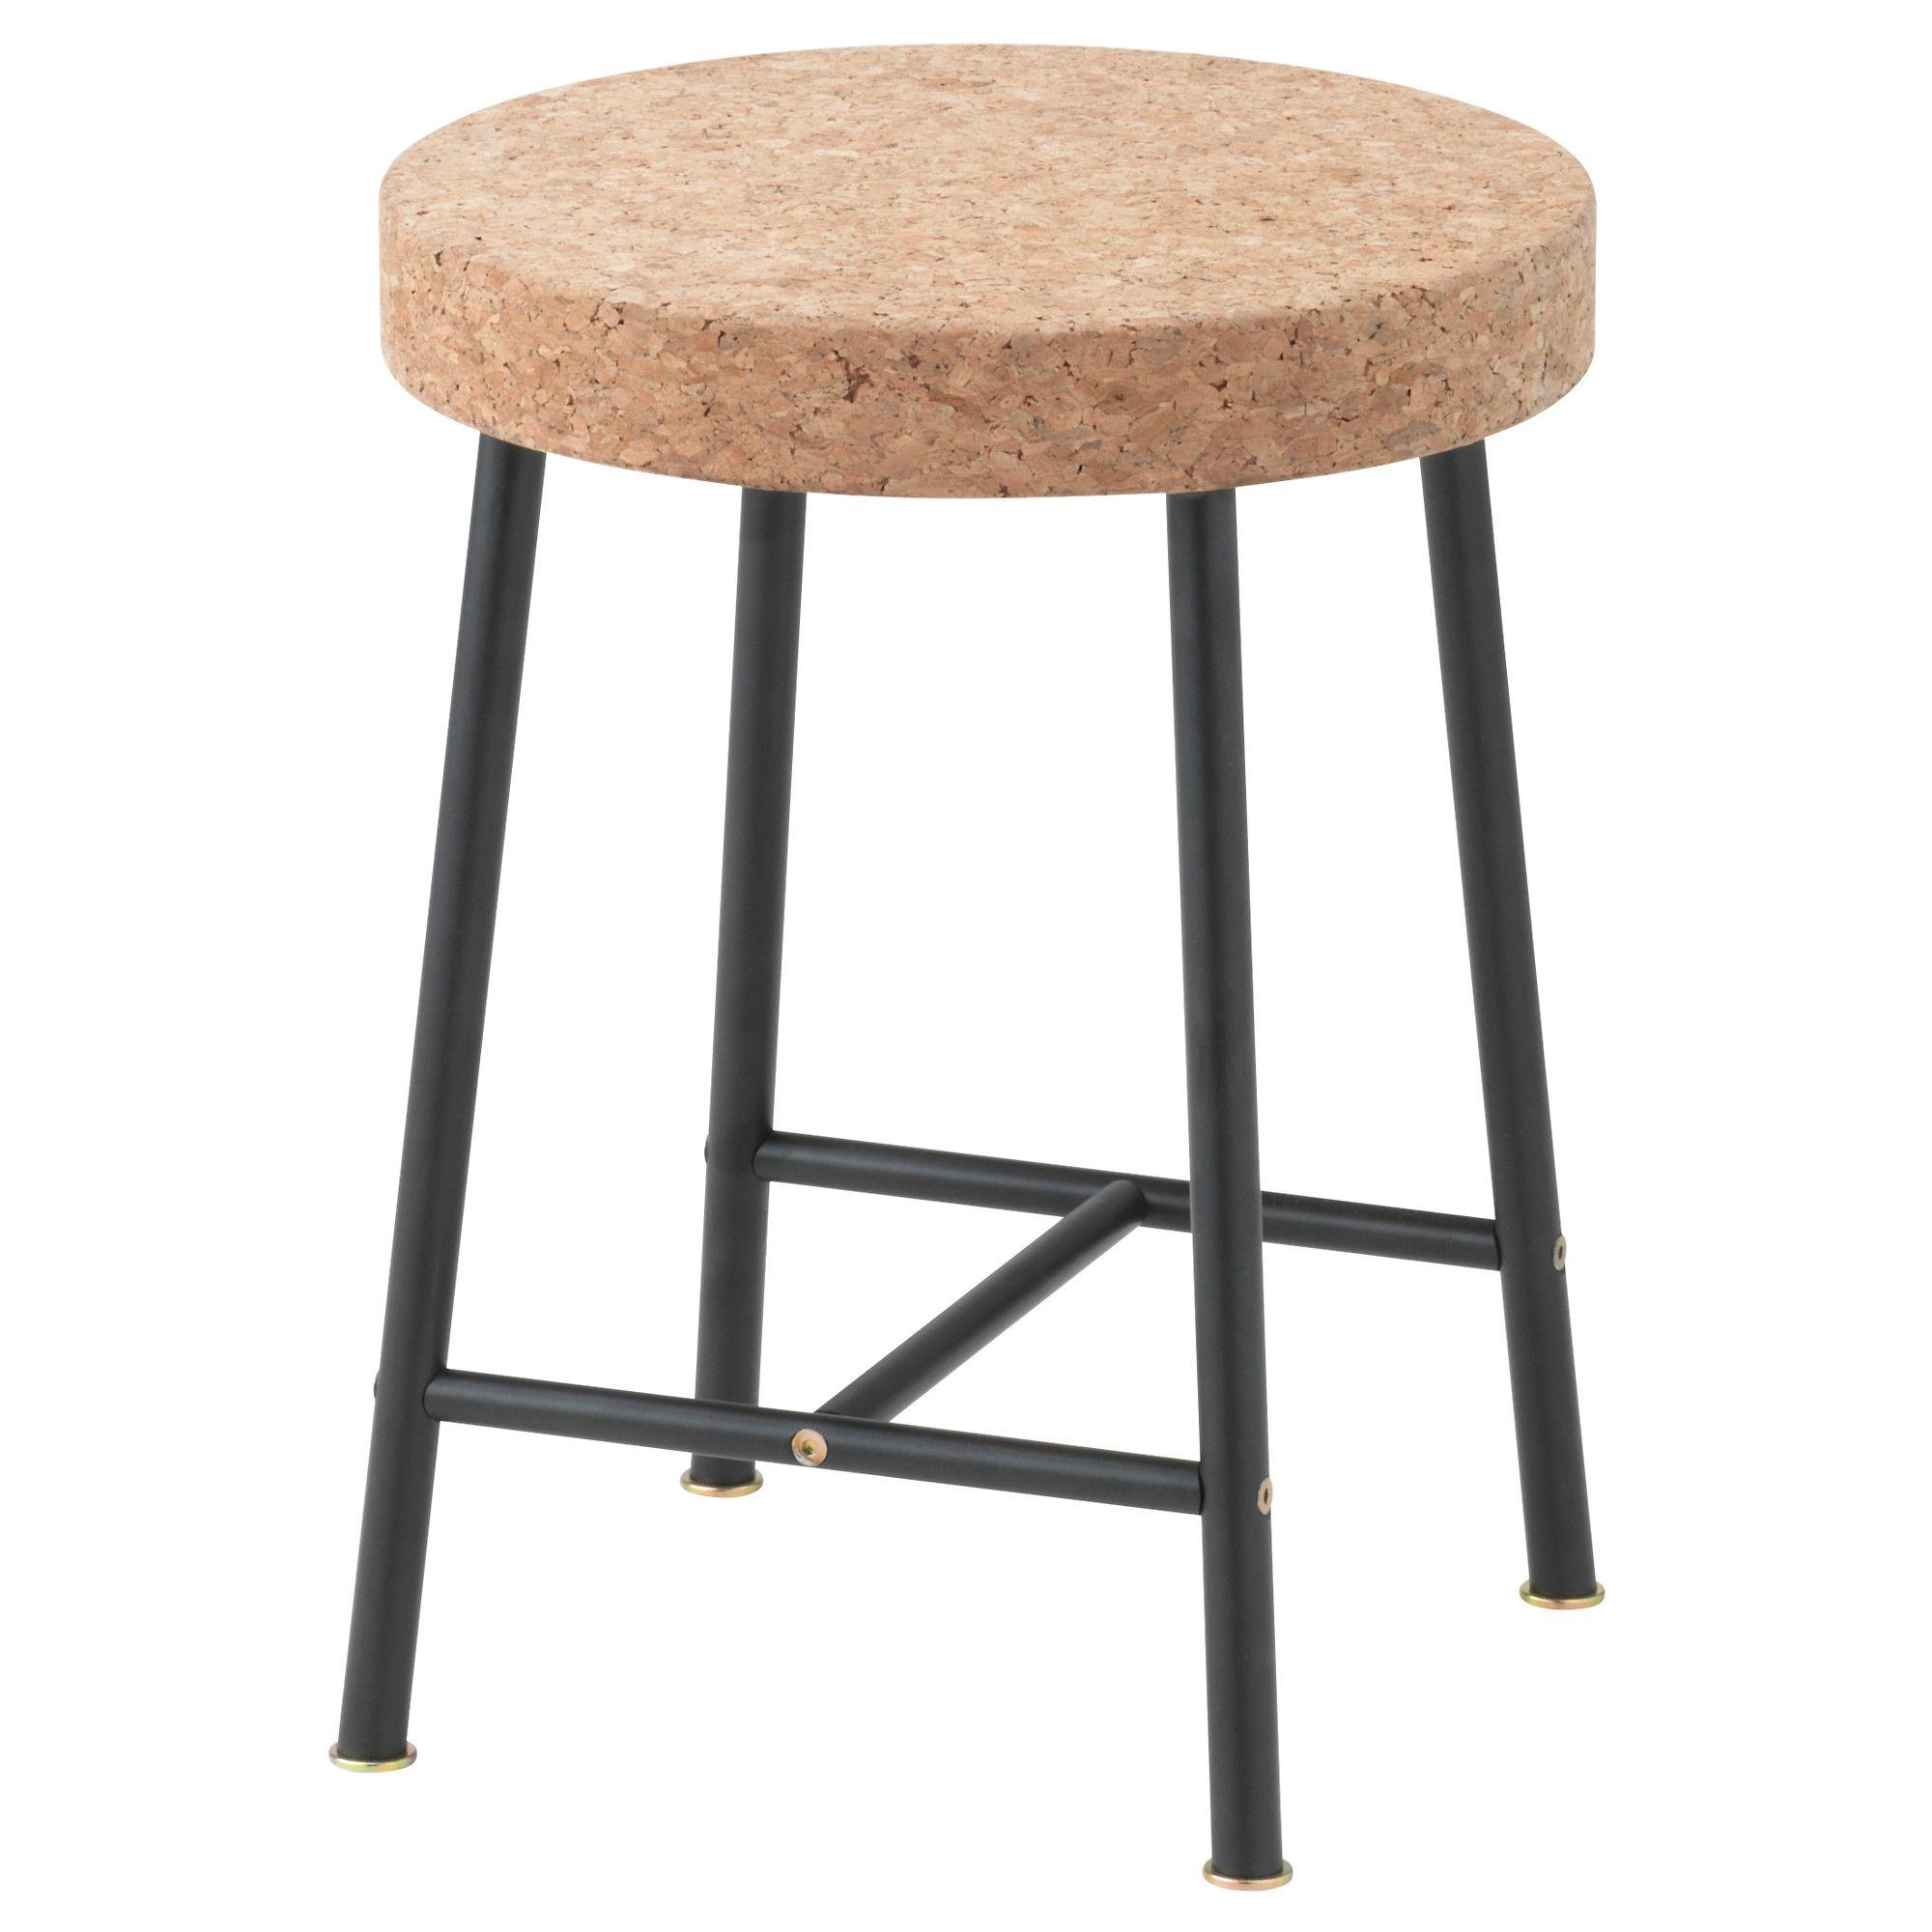 Ikea Sinnerlig Stool Cork Is A Soft Dirt Repellent